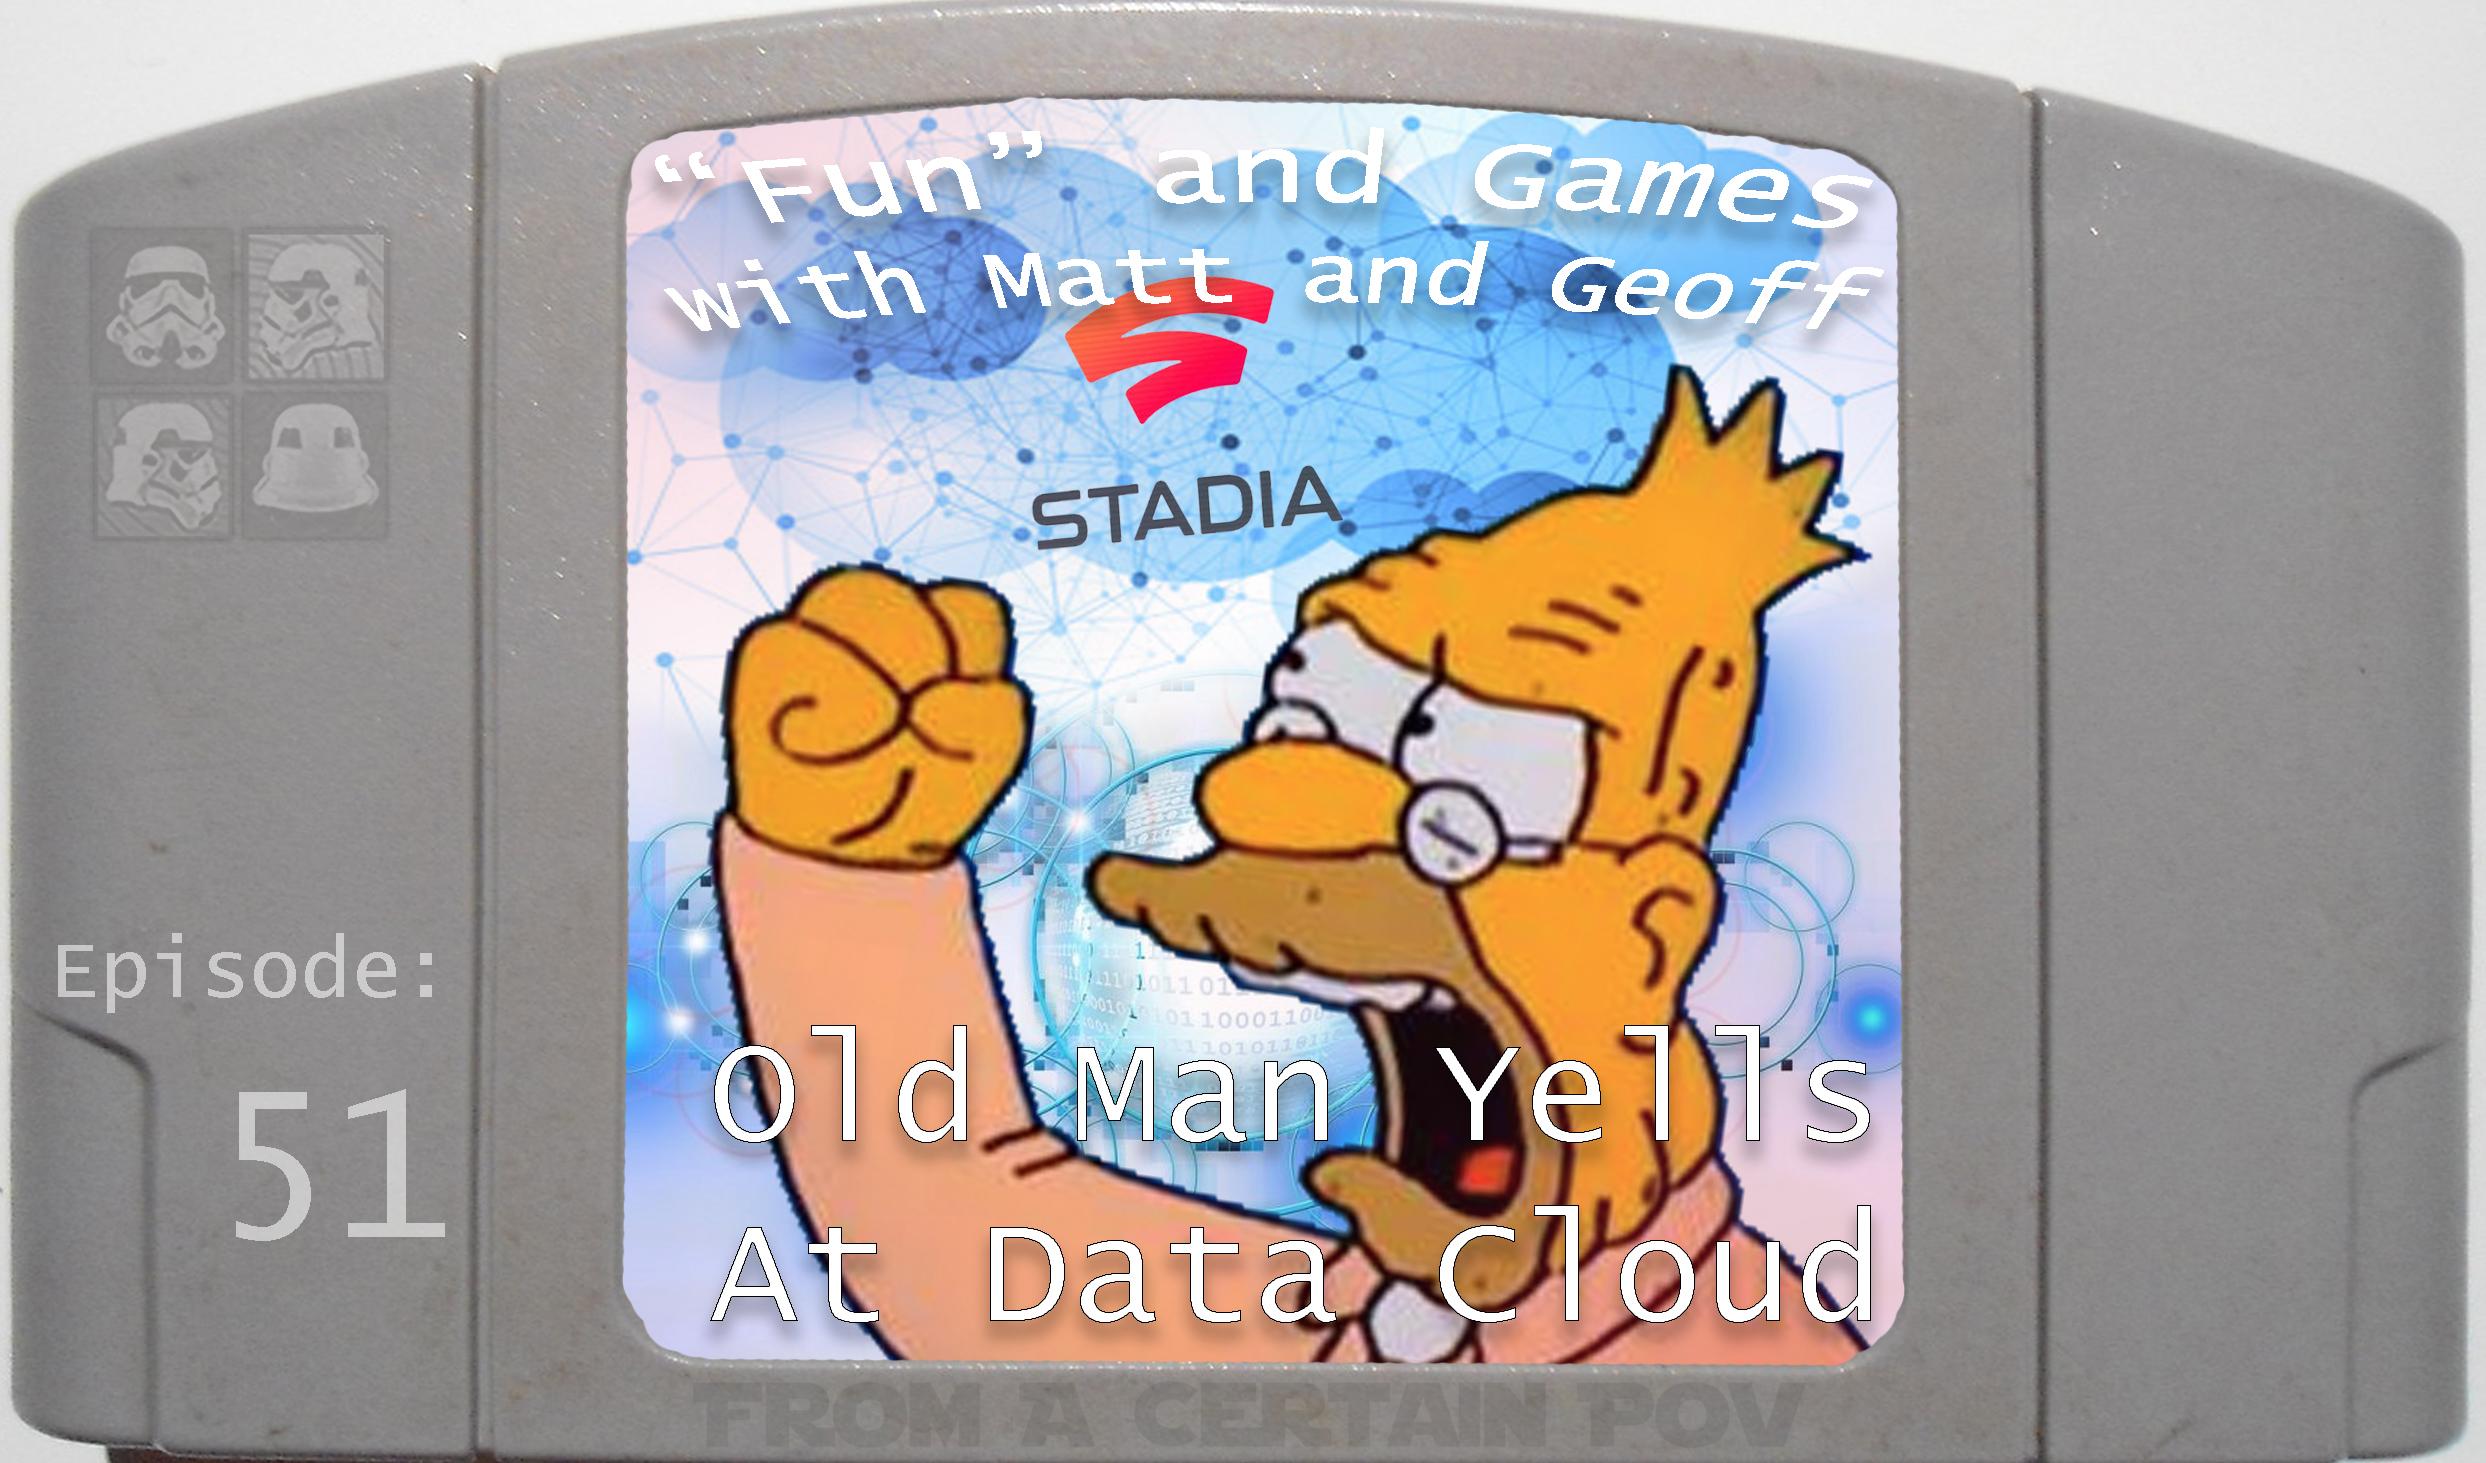 51 - Old Man Yells at Data Cloud.jpg